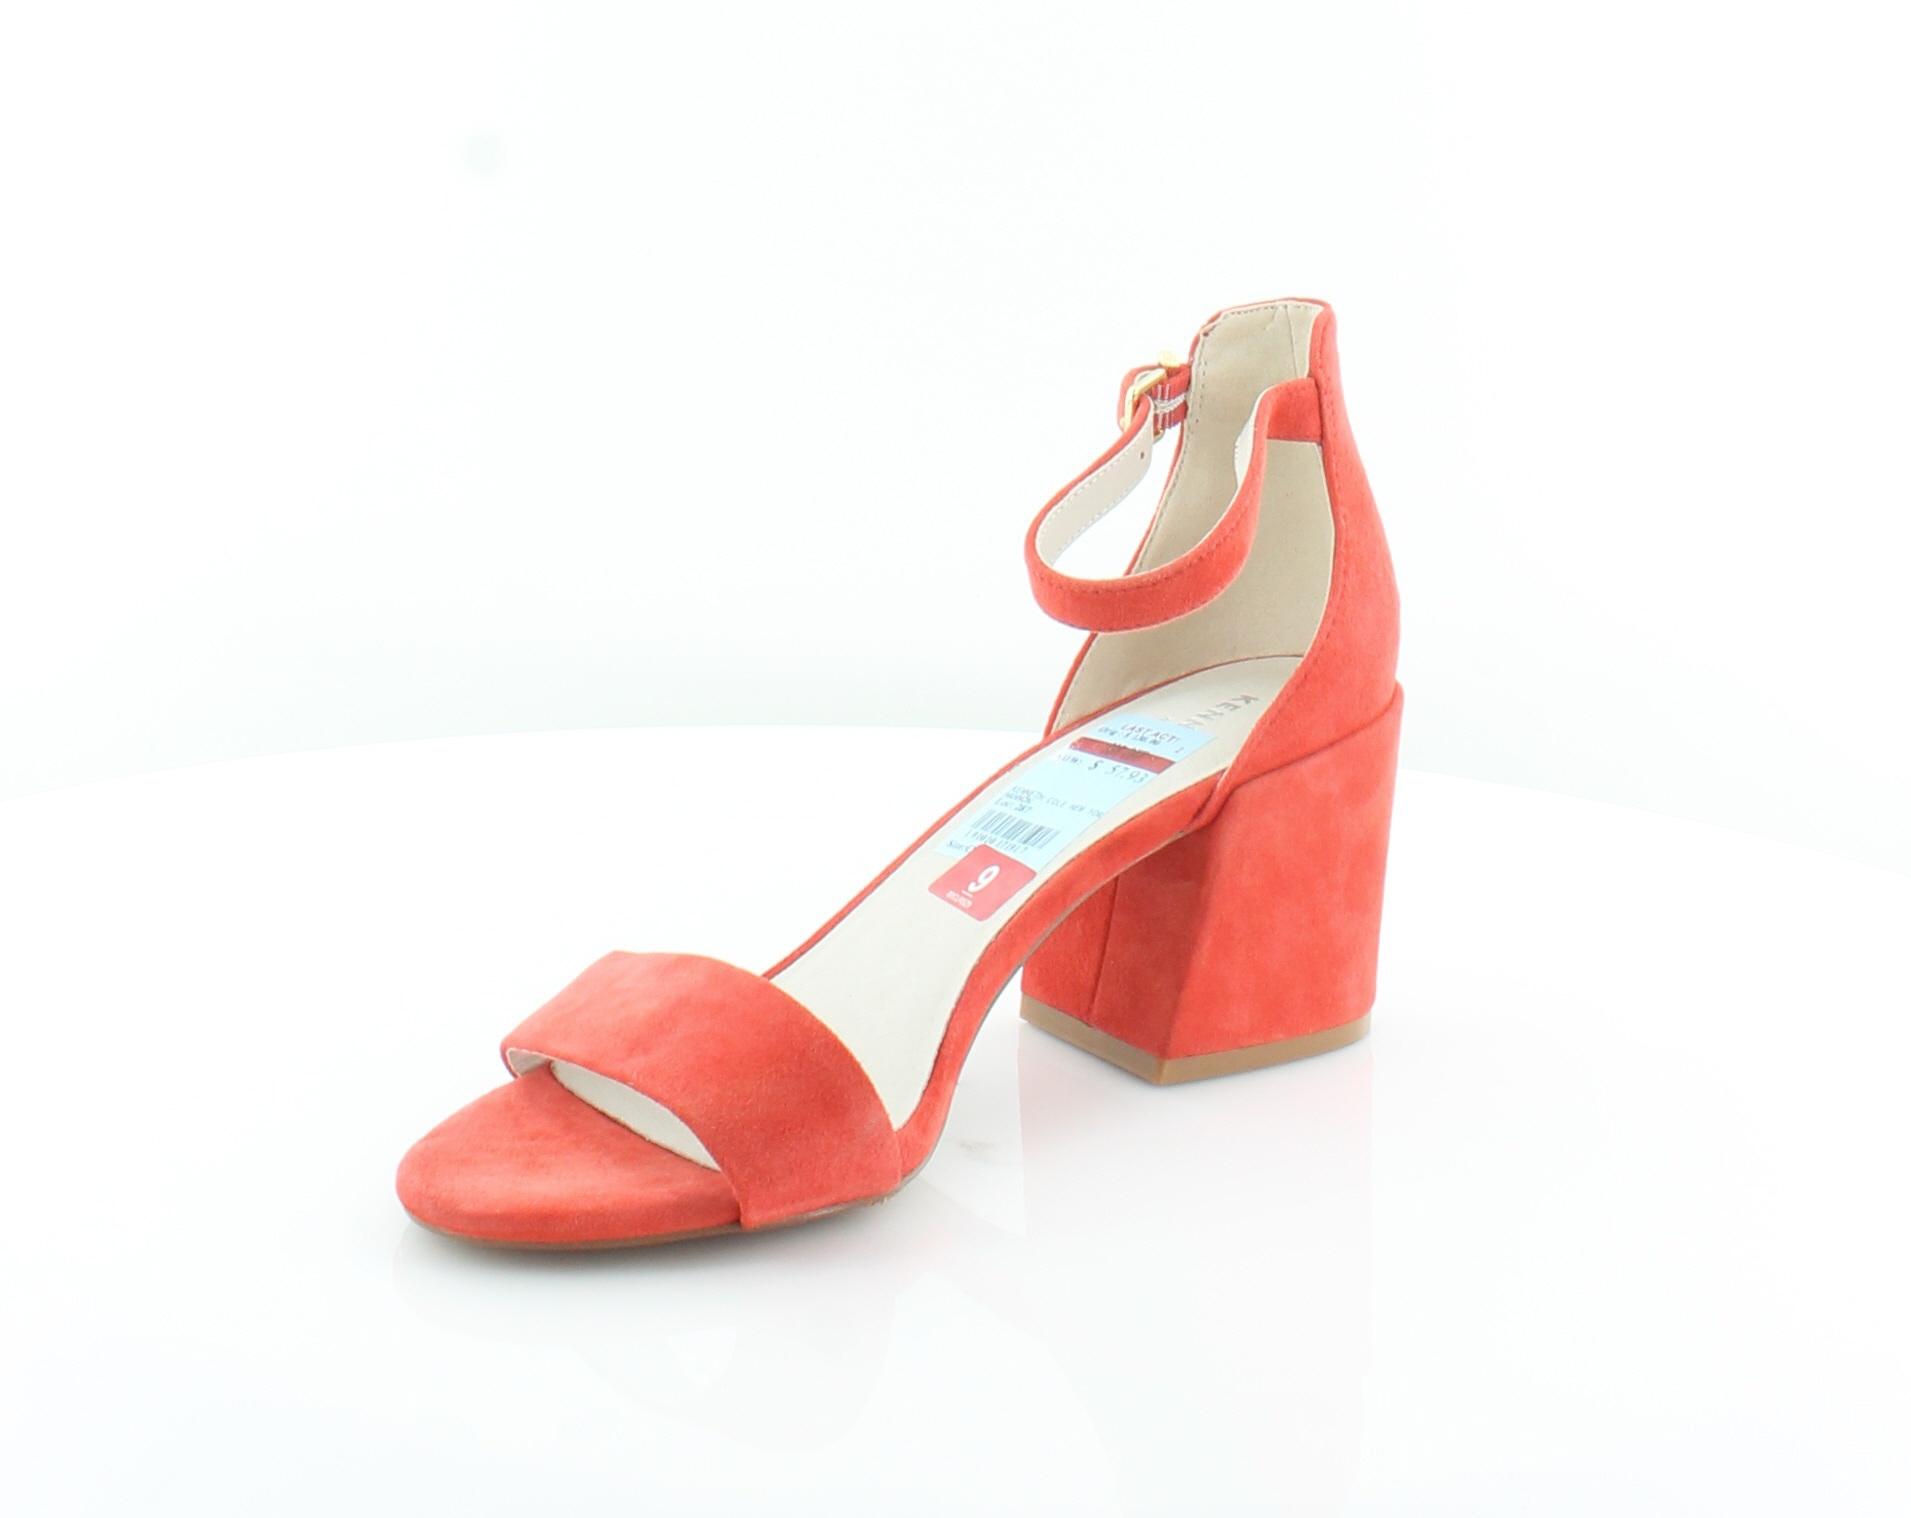 Kenneth-Cole-Hannon-Orange-Womens-Shoes-Size-9-M-Sandals-MSRP-130 thumbnail 2